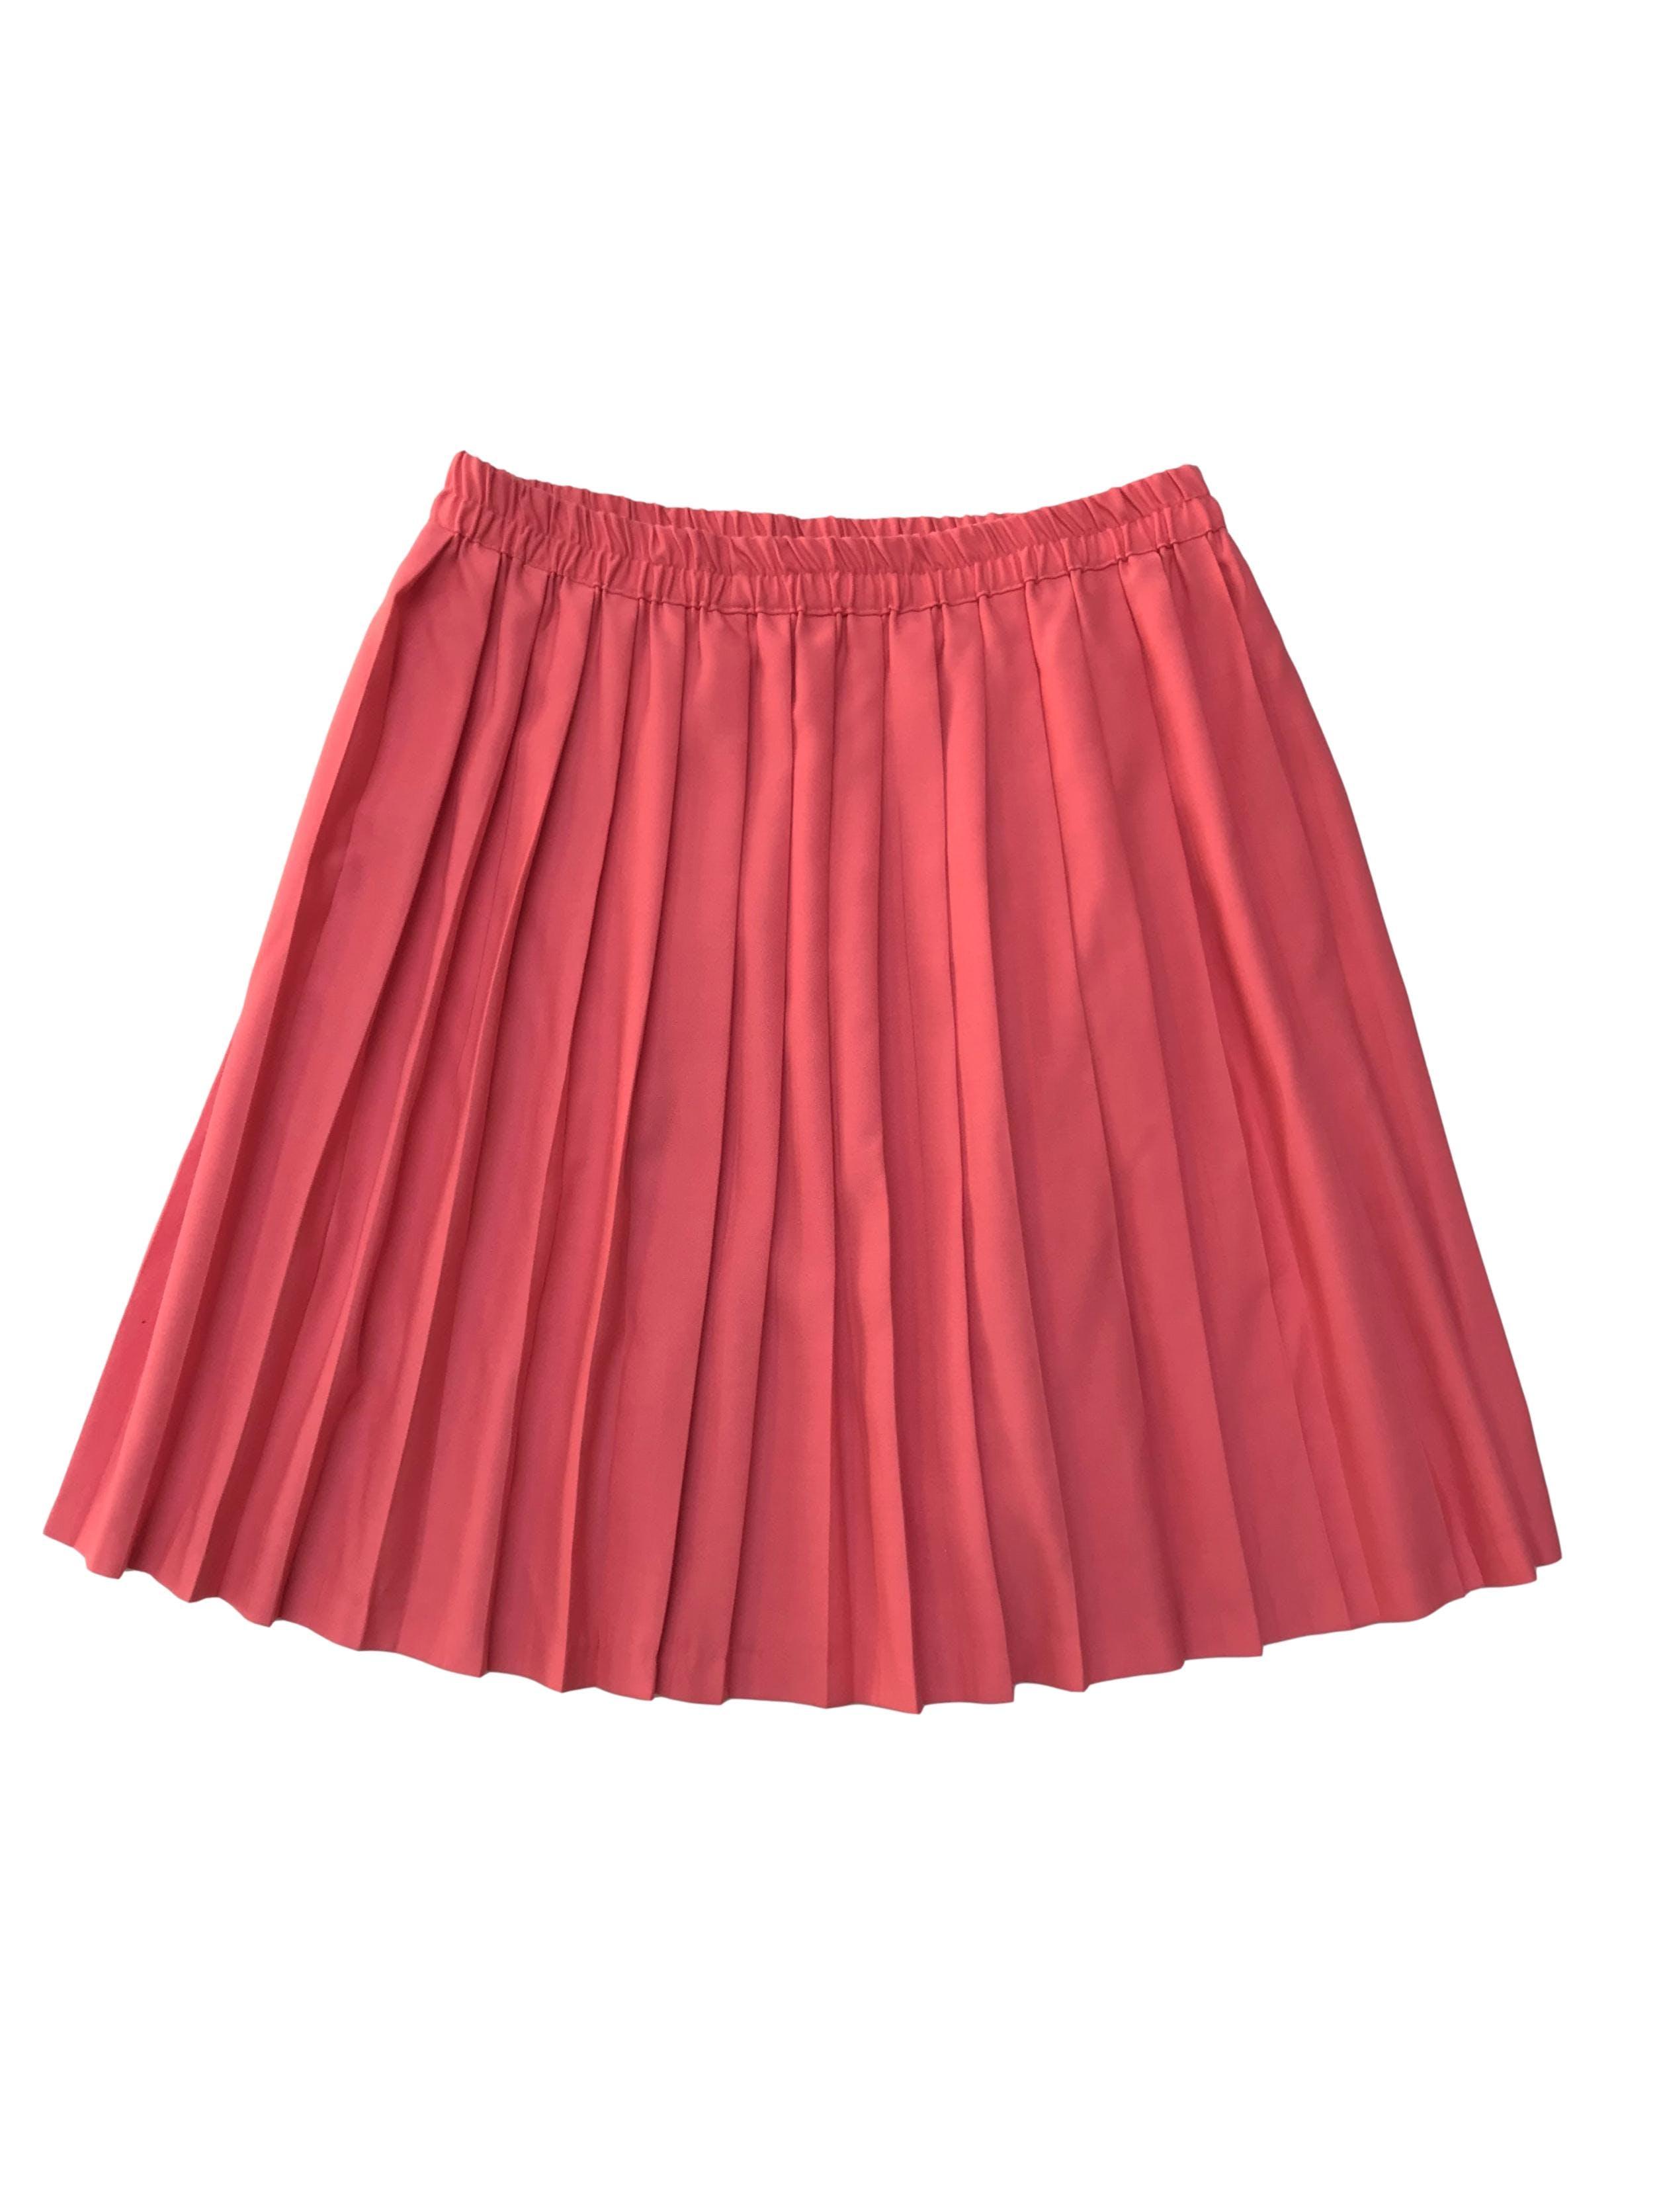 Falda vintage coral plisada de tela tipo drill. Cintura 70cm sin estirar Largo 50cm